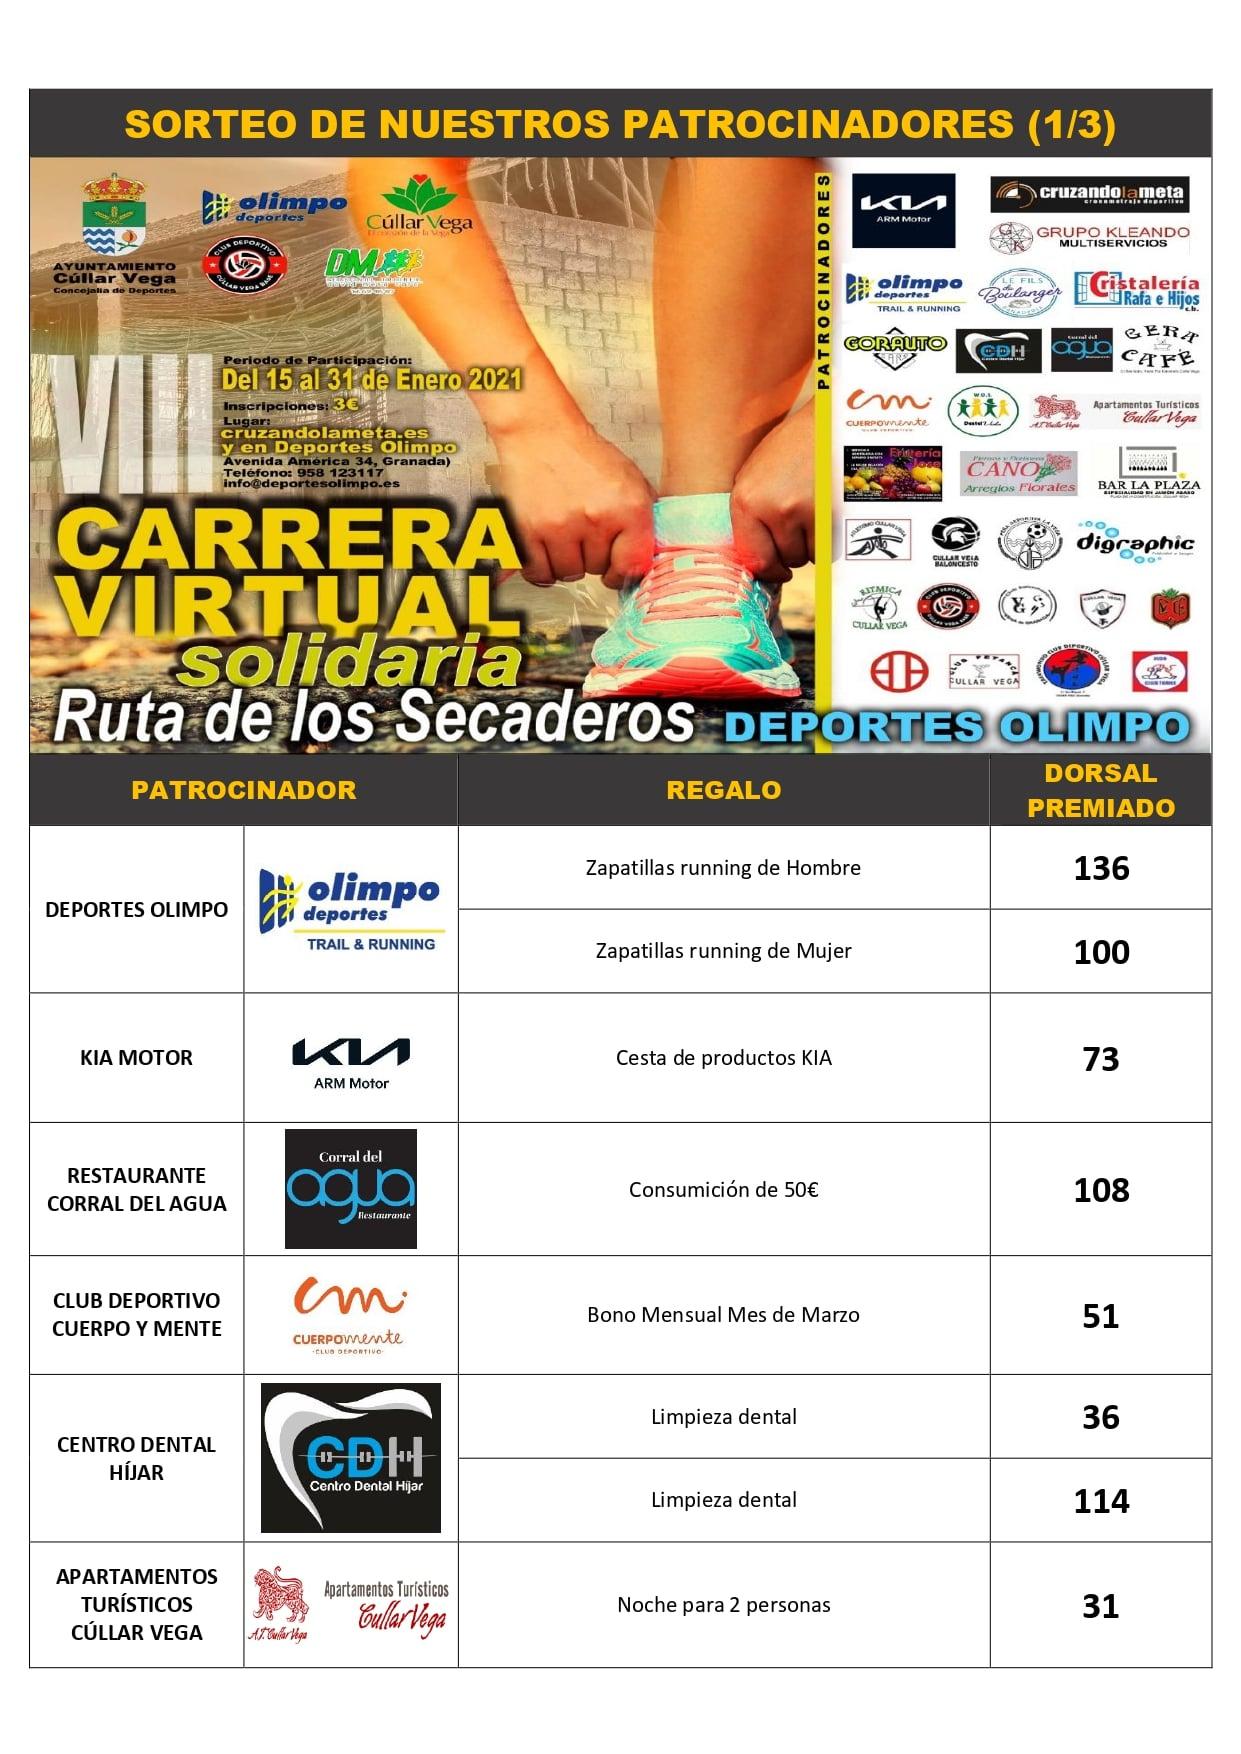 PREMIADOS SORTEO CARRERA POPULAR VIII EDICIÓN RUTA DE LOS SECADEROS - DEPORTES OLIMPO